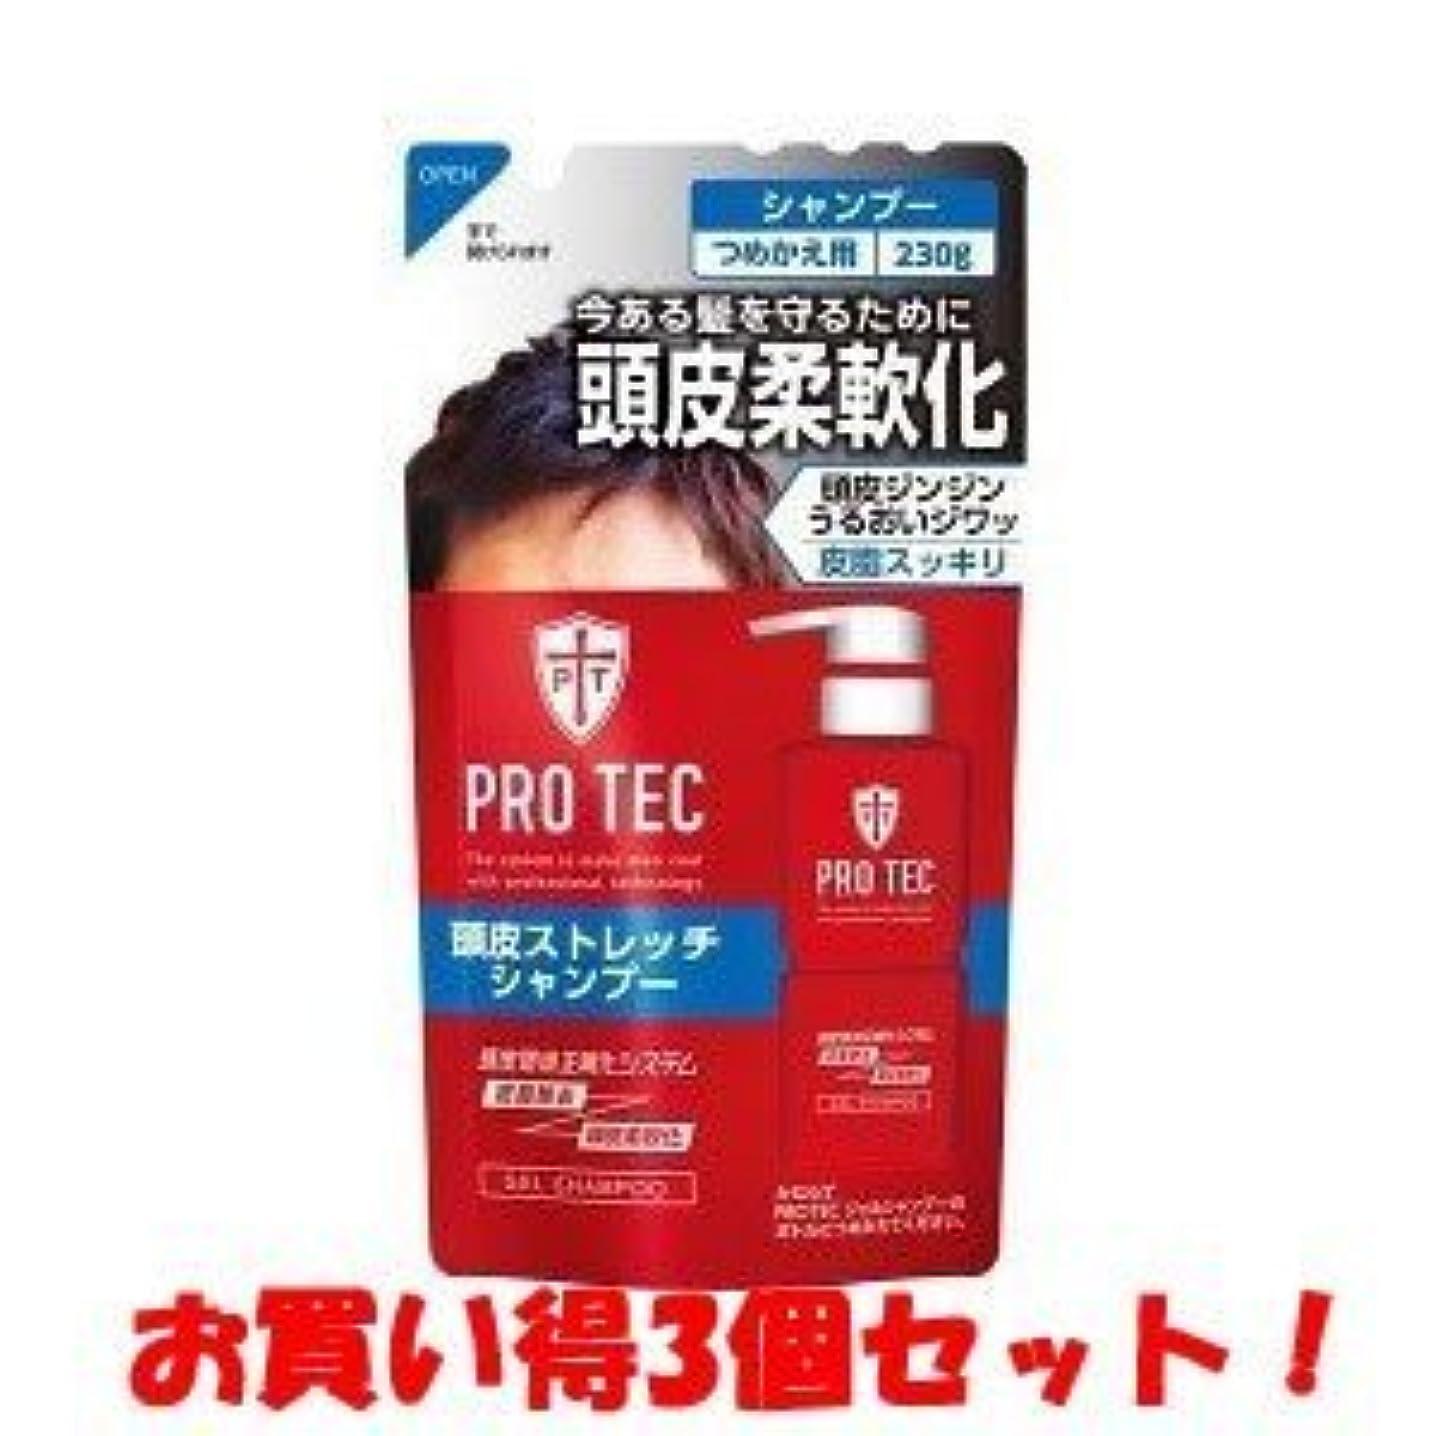 主導権光沢のあるマウス(ライオン)PRO TEC(プロテク) 頭皮ストレッチ シャンプー つめかえ用 230g(医薬部外品)(お買い得3個セット)